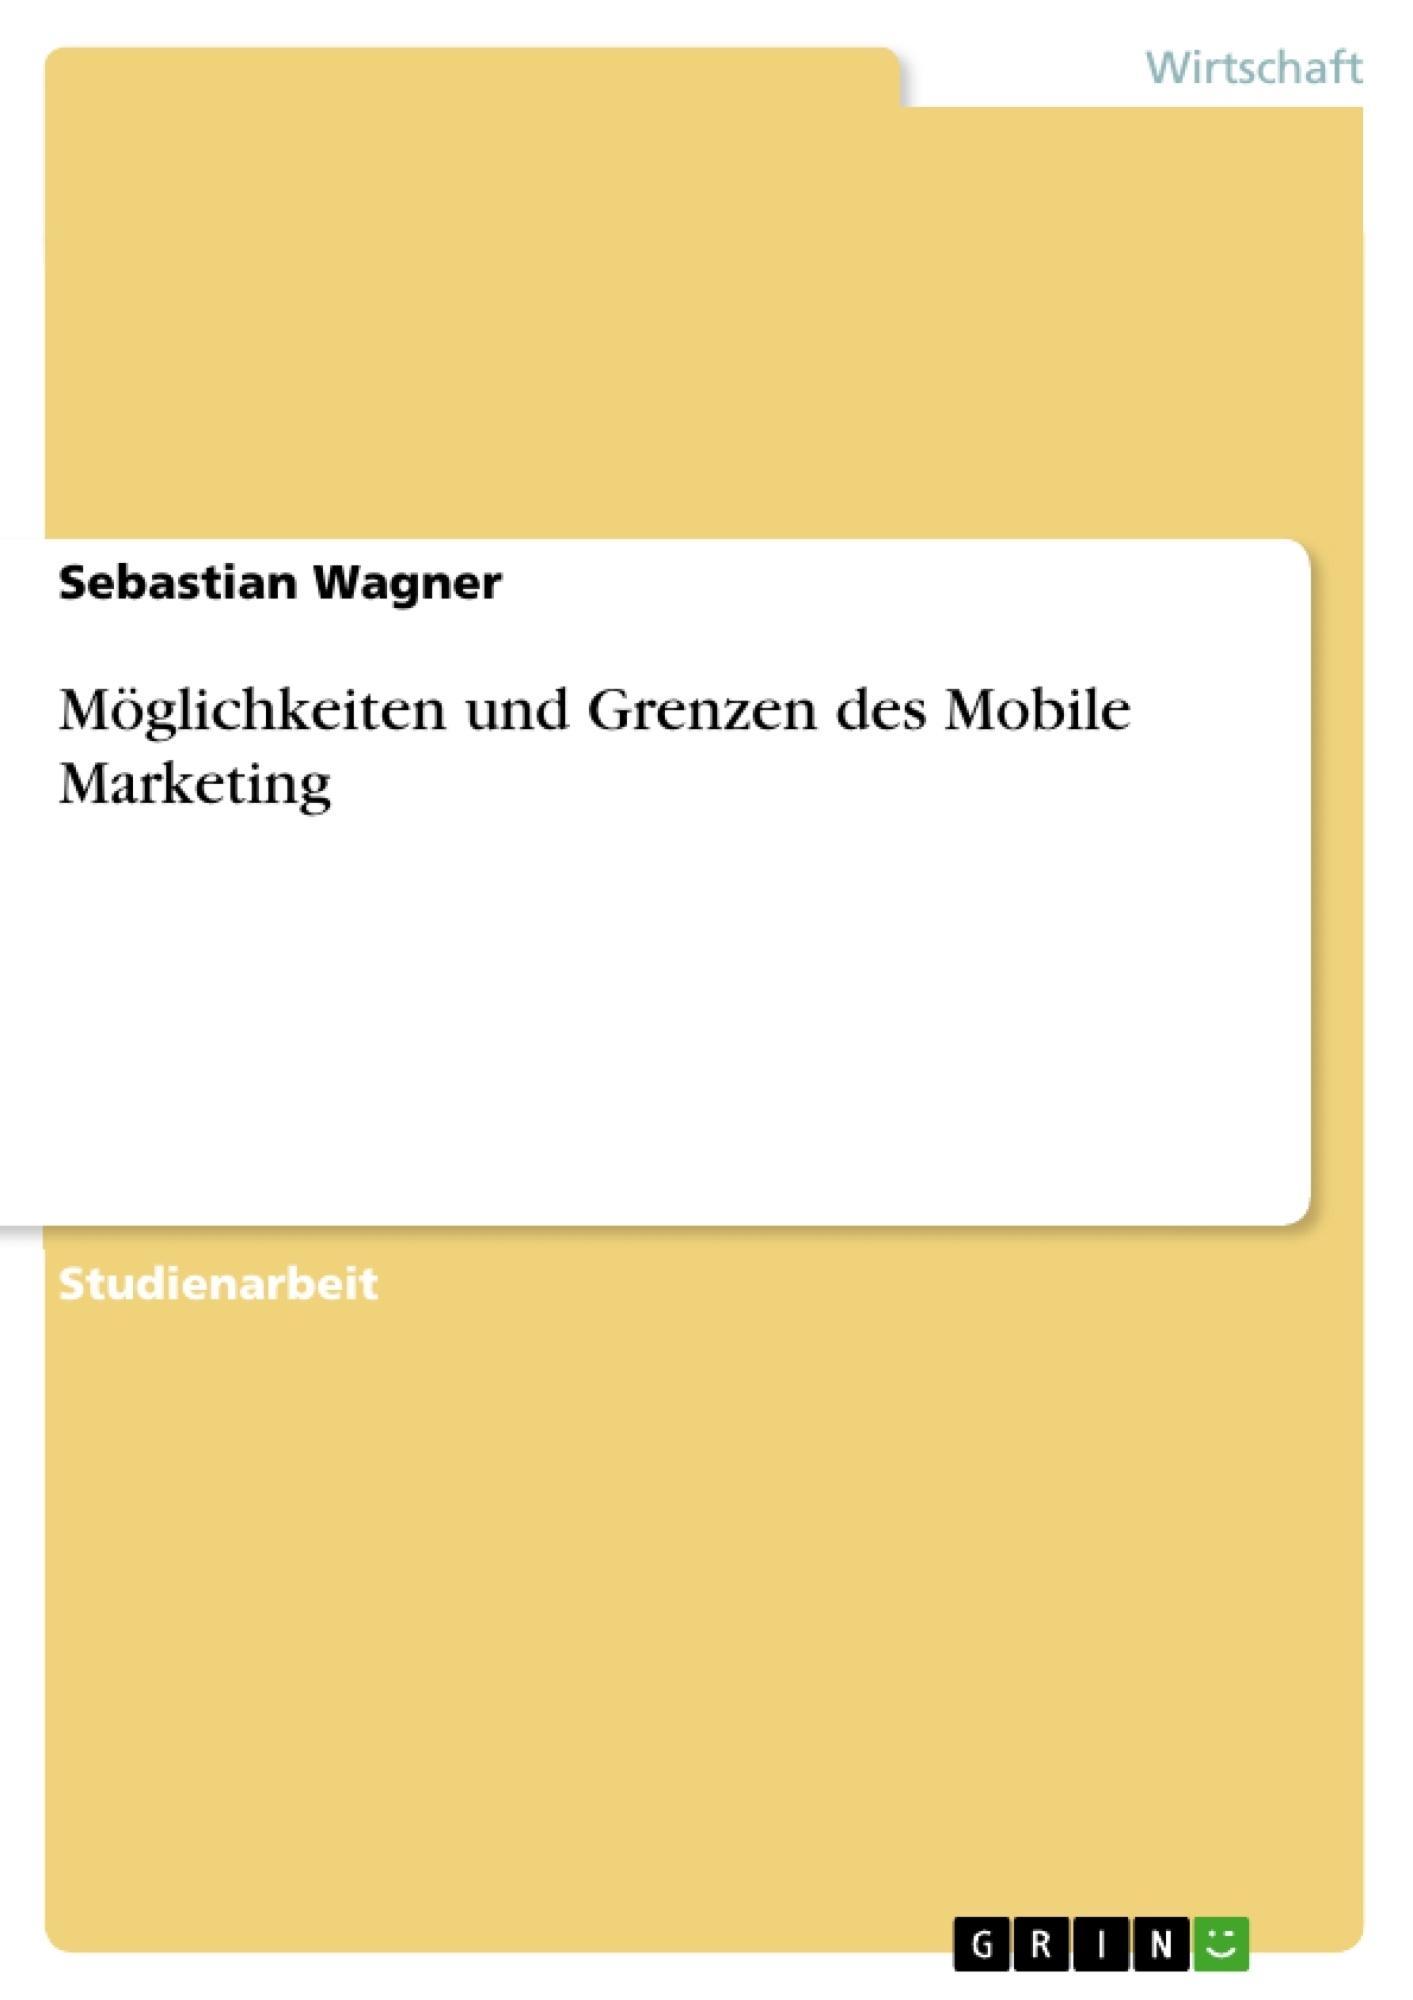 Titel: Möglichkeiten und Grenzen des Mobile Marketing